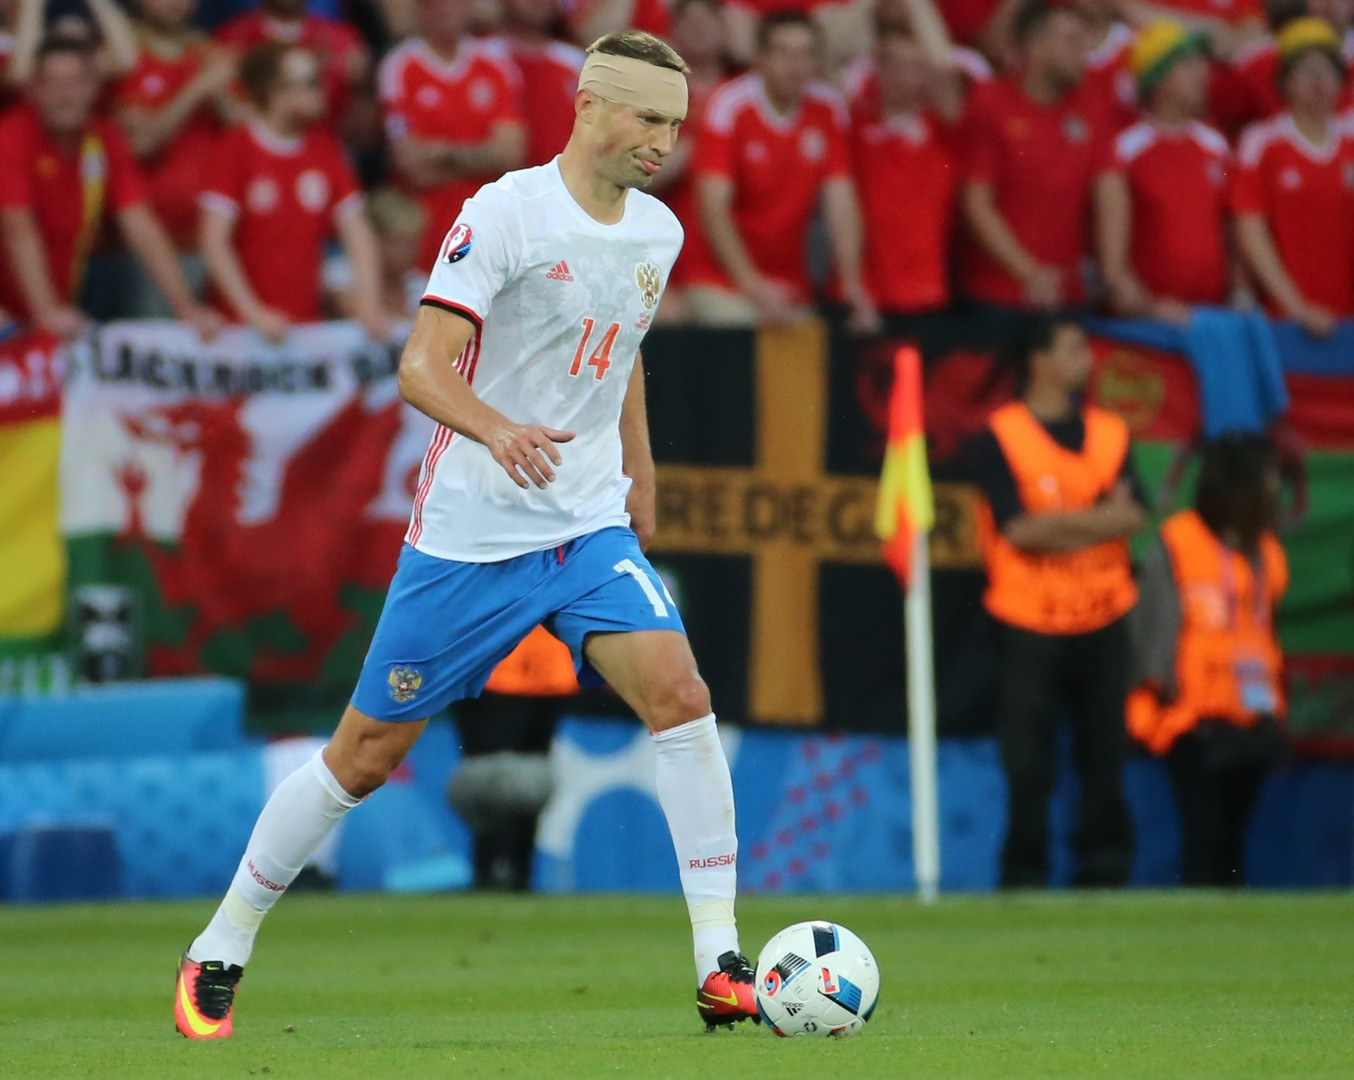 Капитан прощается с футбольной сборной: Березуцкий завершил карьеру в национальной команде